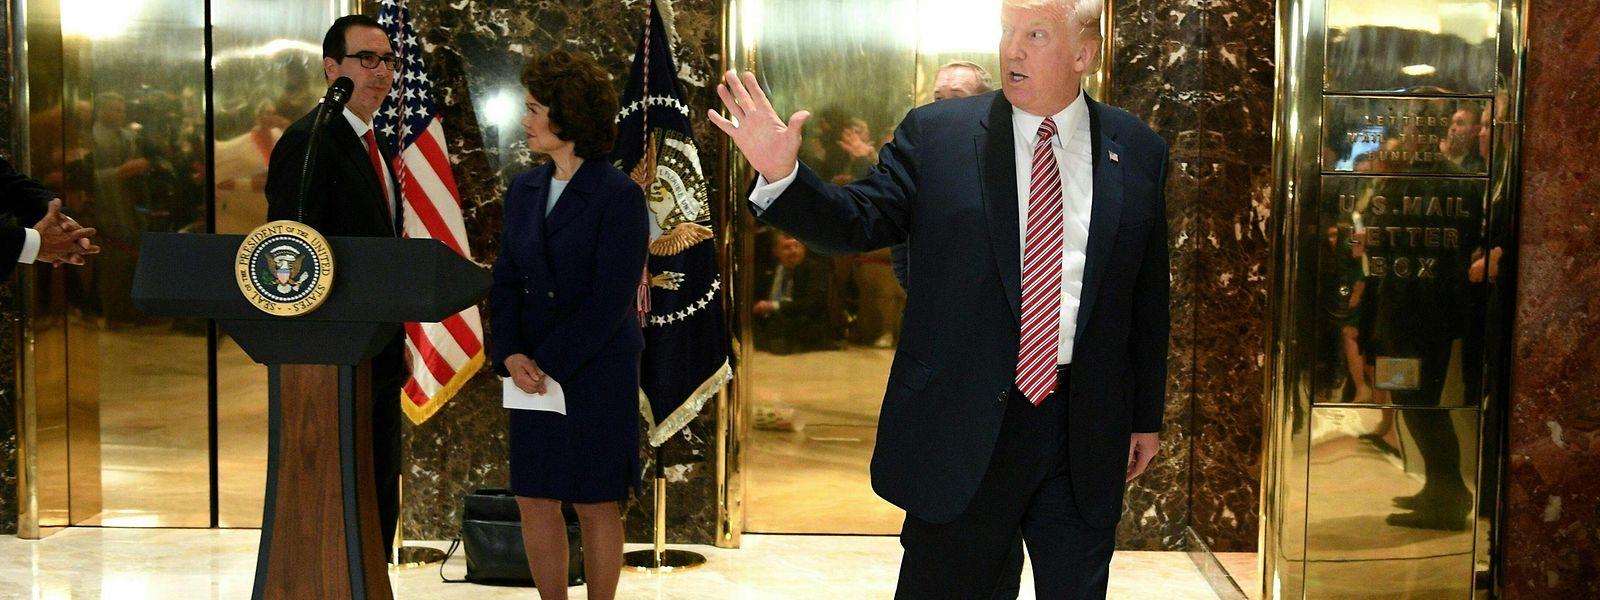 Der frühere US-Präsident Donald Trump (rechts) wollte alle juristischen Möglichkeiten gegen die Wahl im November ausschöpfen.